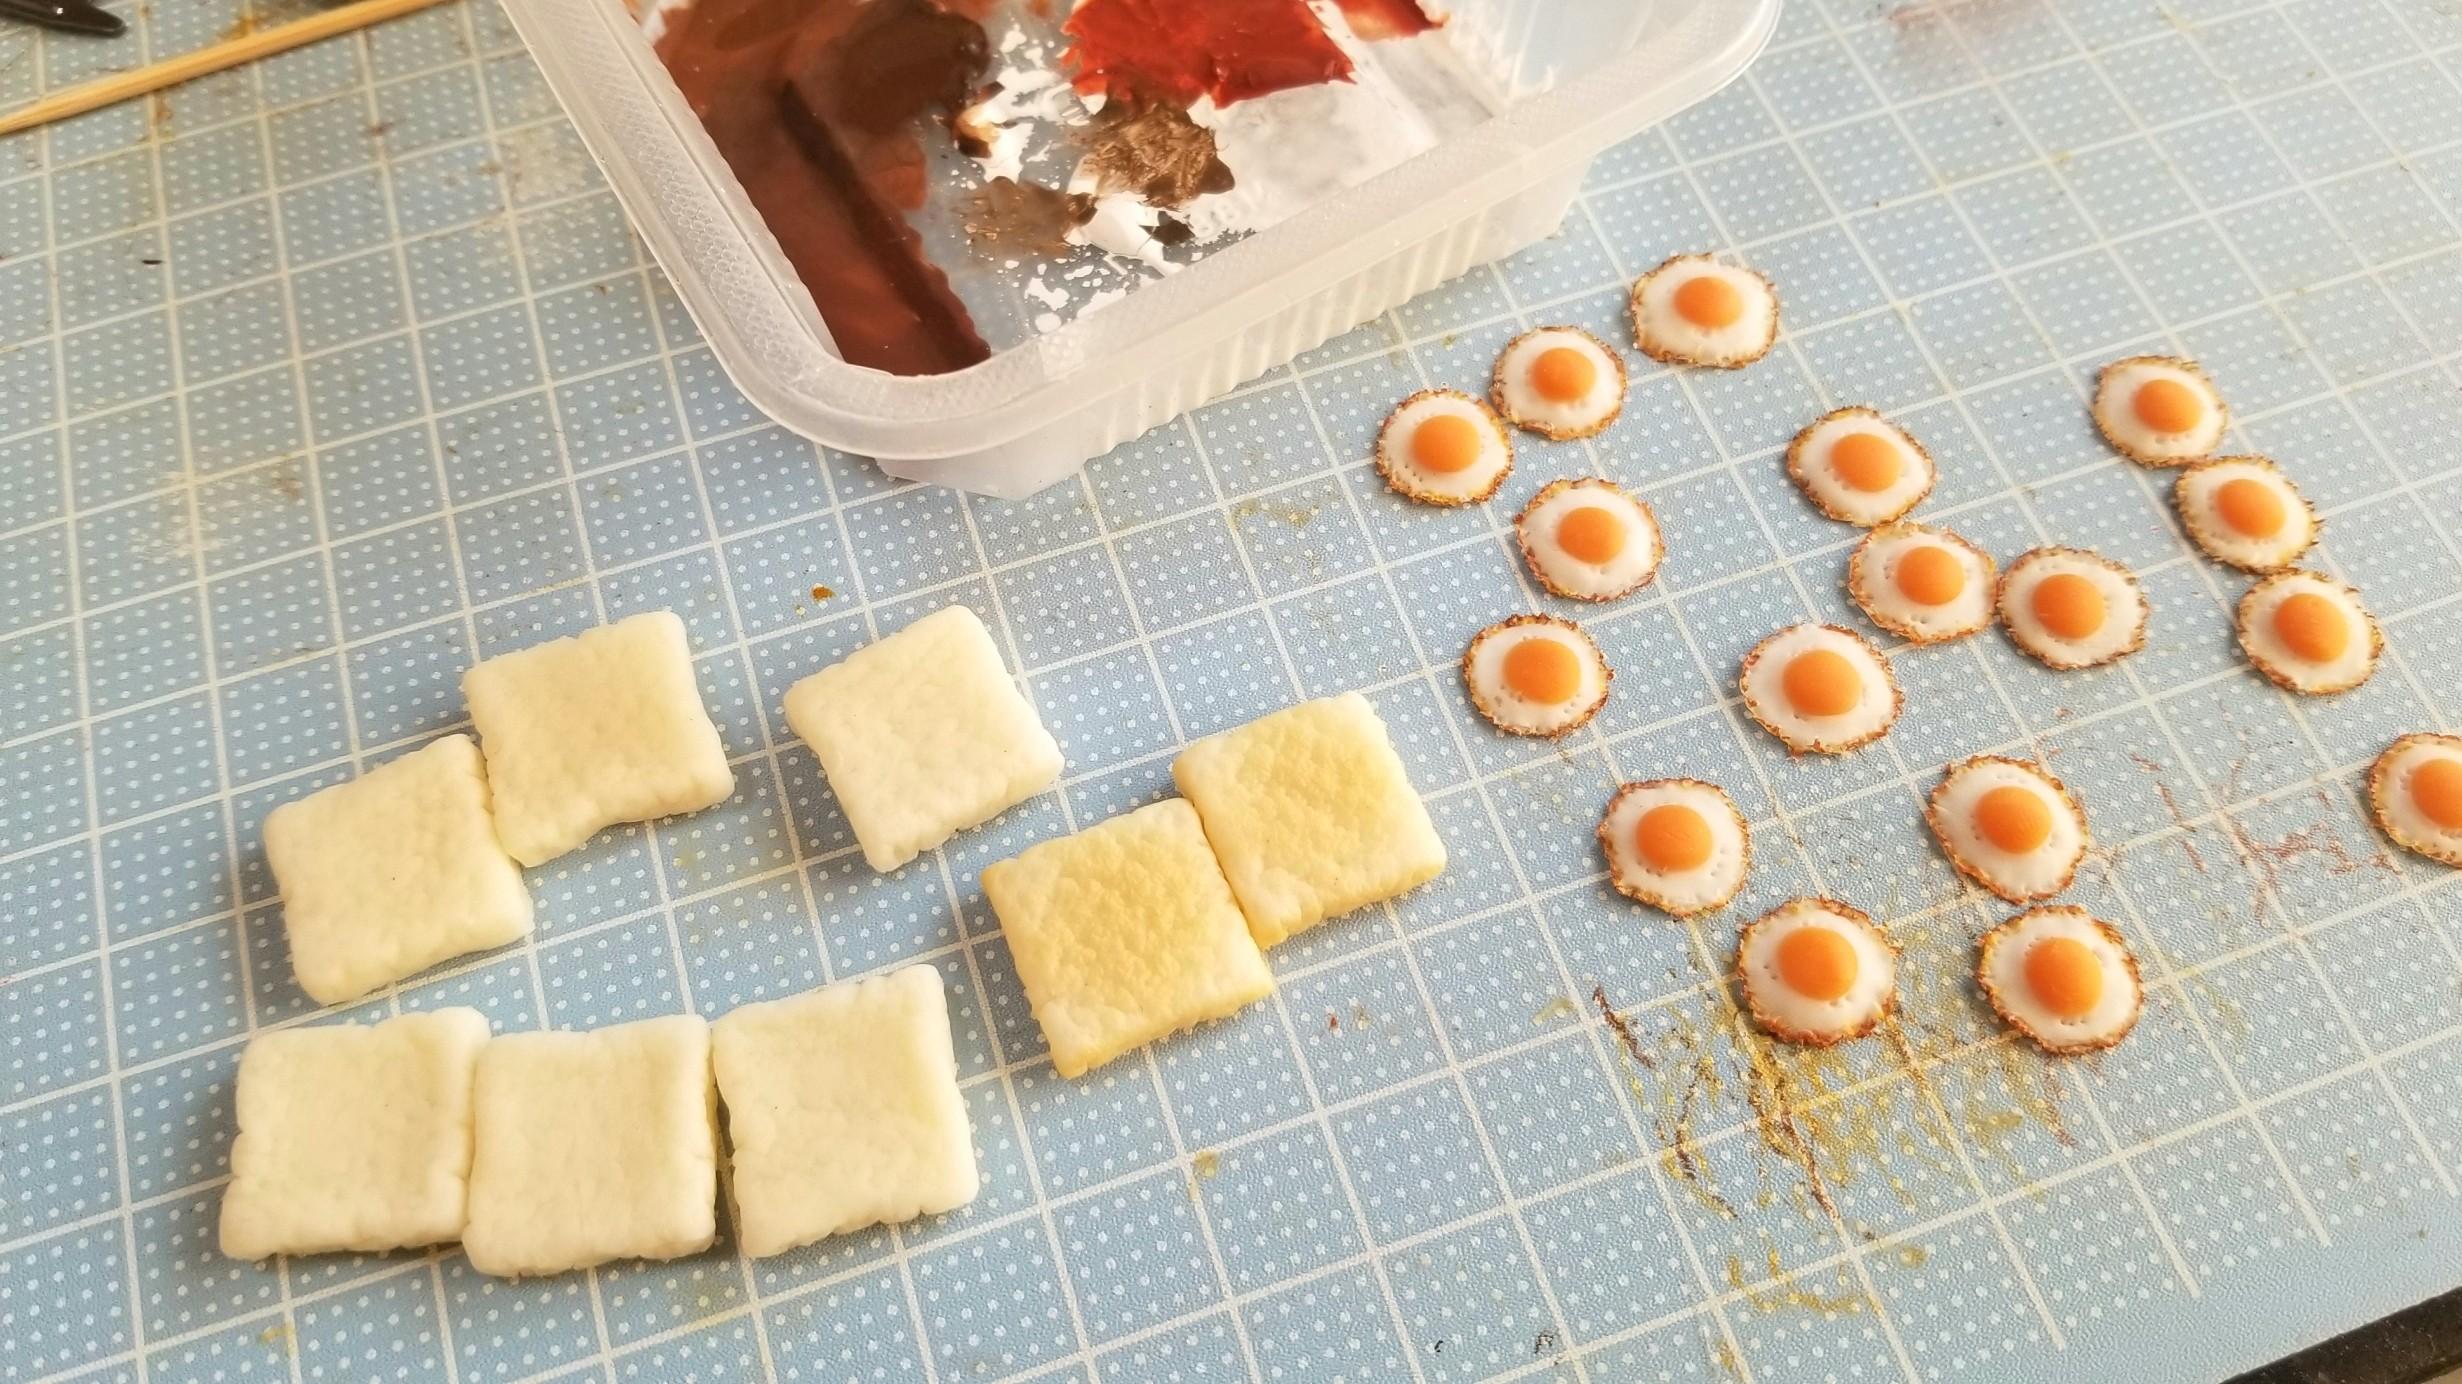 ミニチュアフード,樹脂粘土,目玉焼きトーストパン作り方,着色絵の具